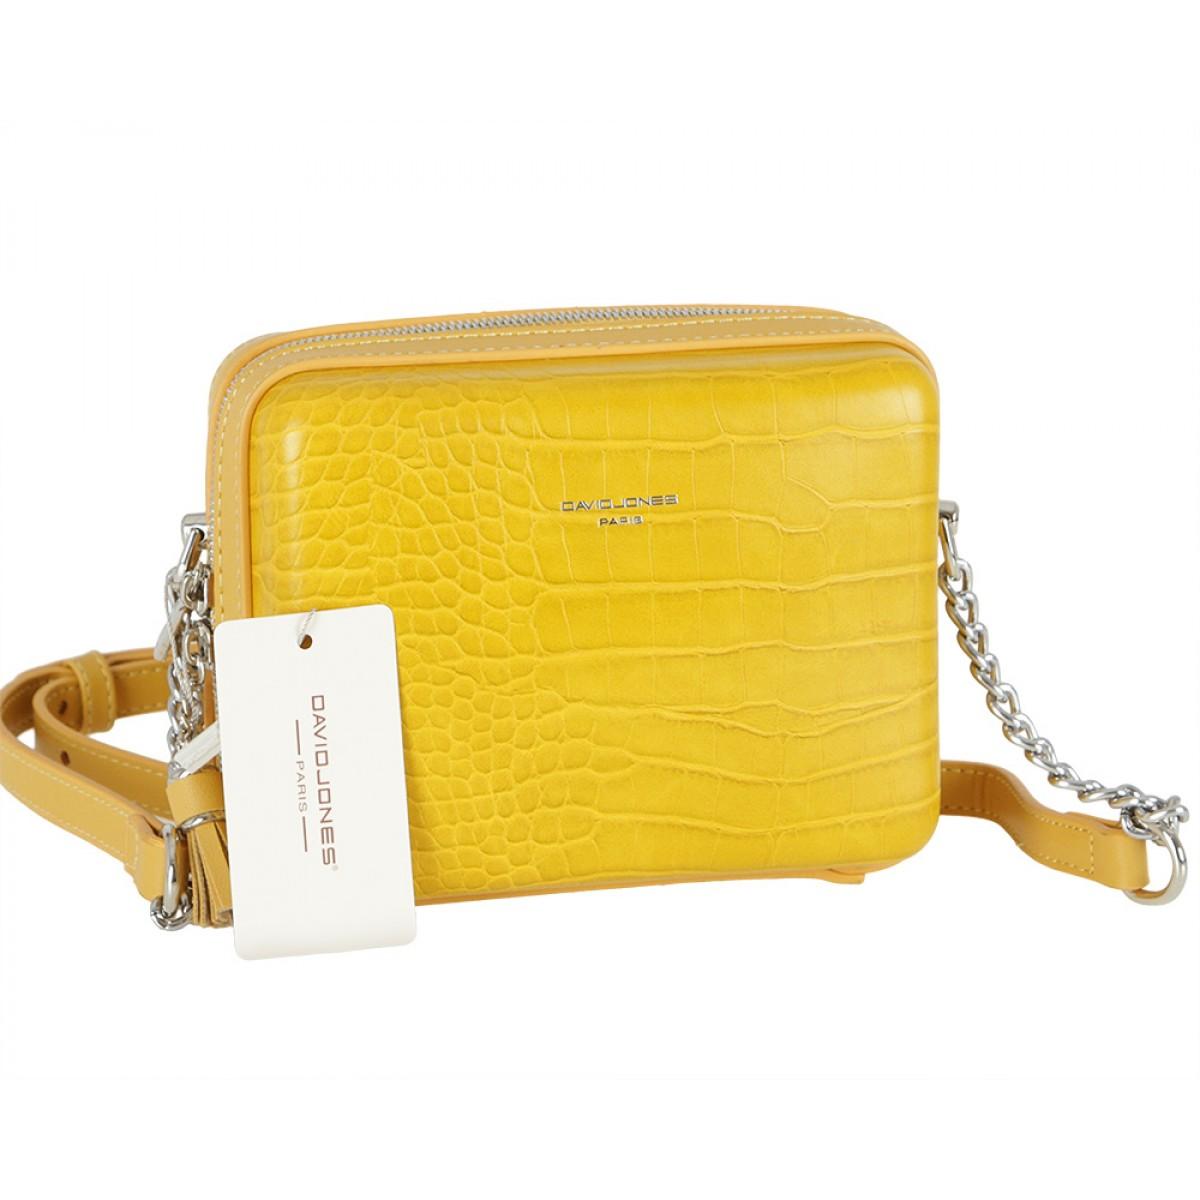 Жіноча сумка David Jones CM5660 YELLOW